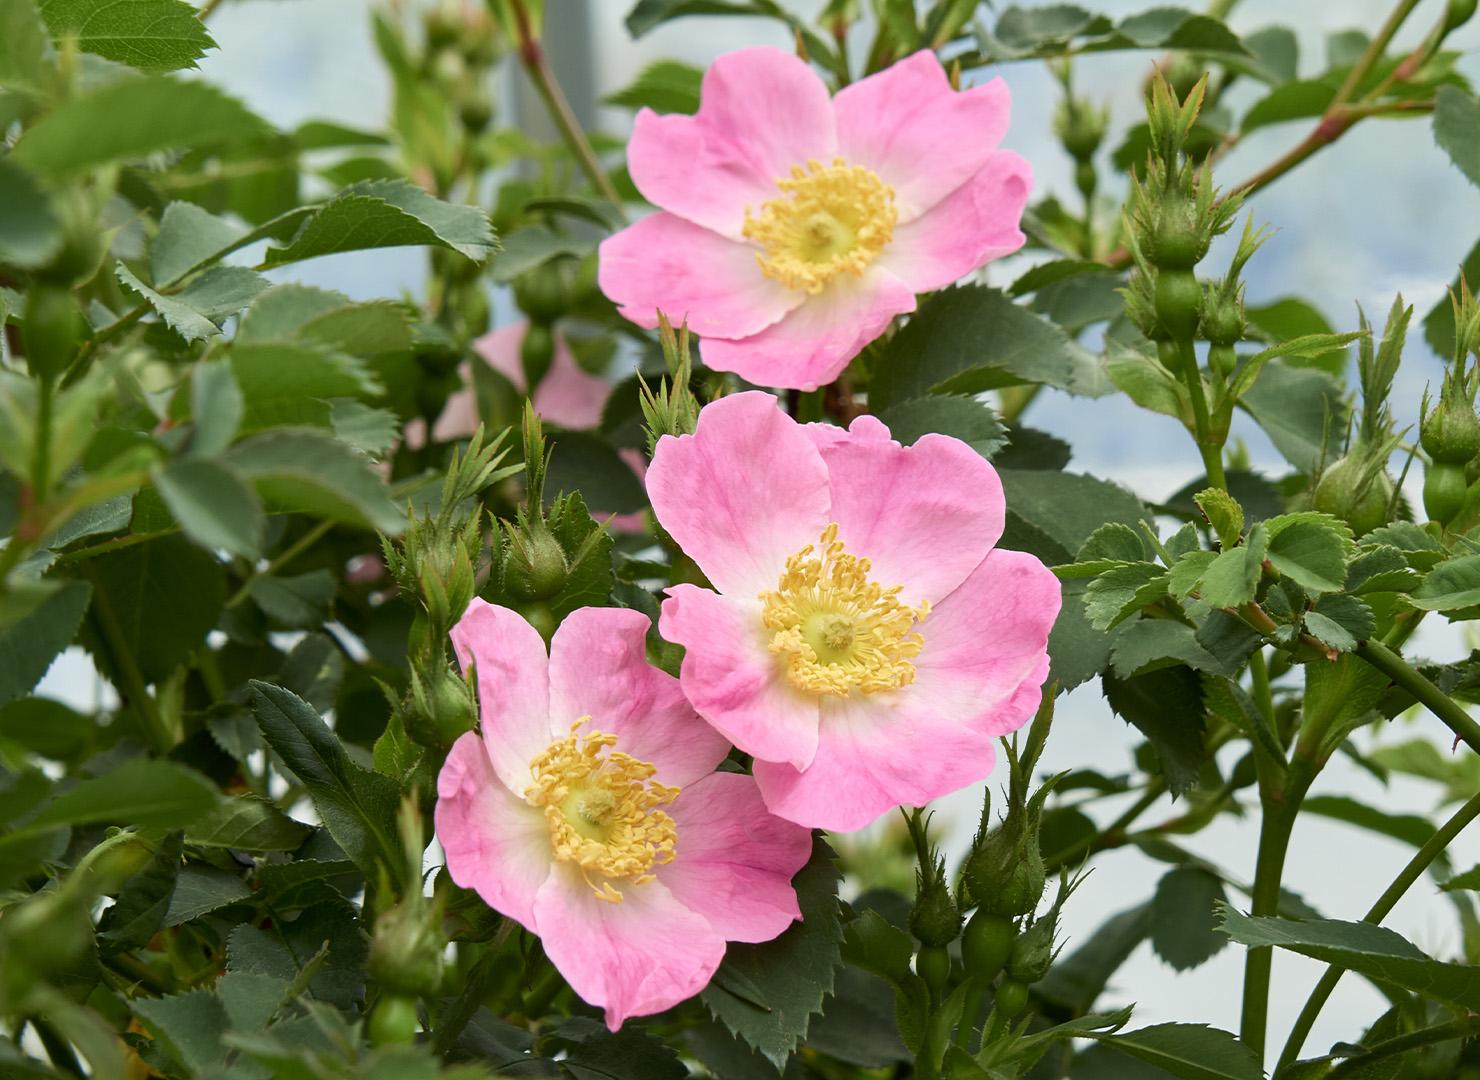 ロサ ペンデュリナ ブルゴーニュ - Rosa pendulina bourgogne